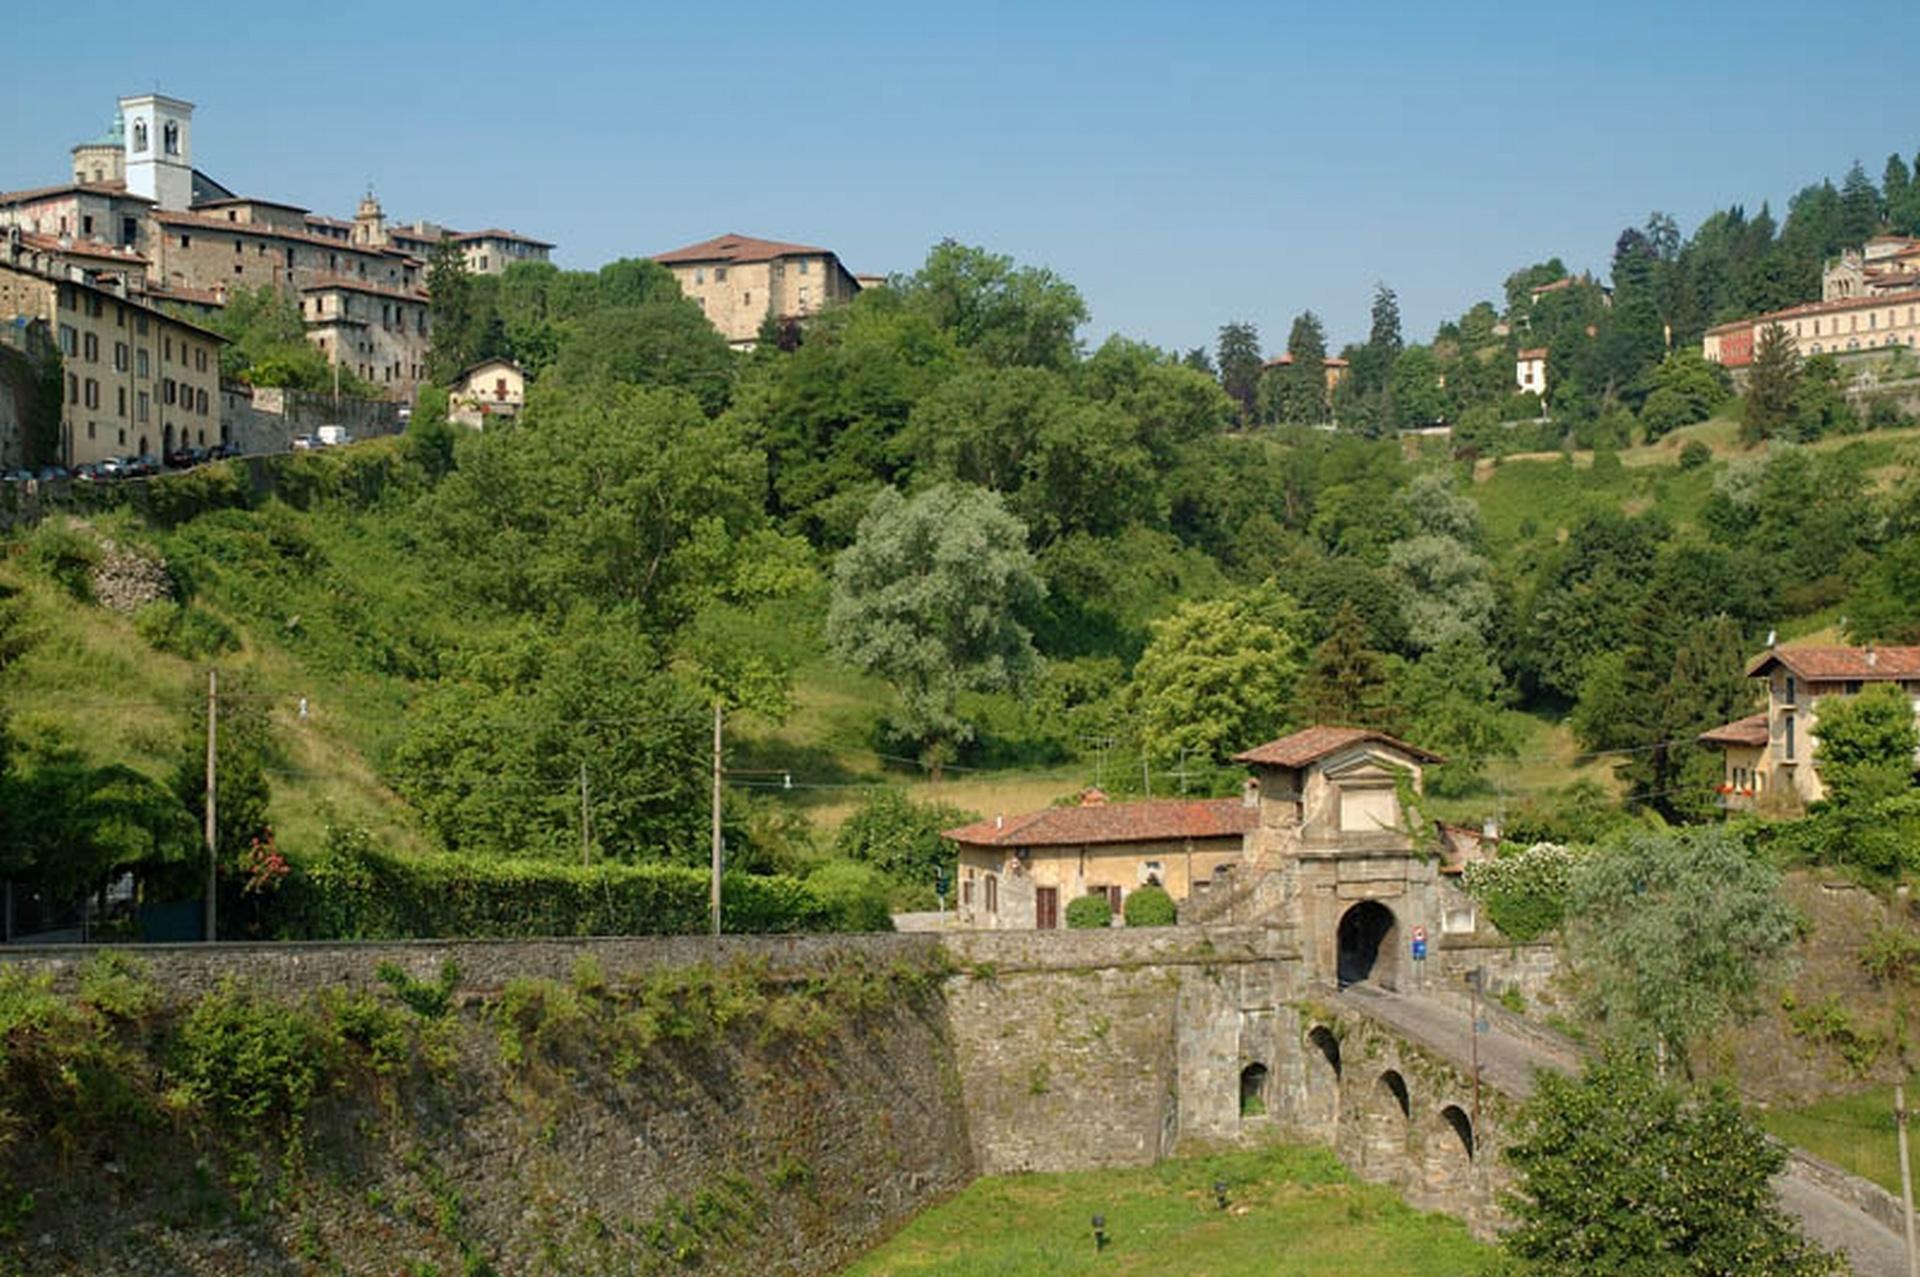 My visit - Treno milano porta garibaldi bergamo ...